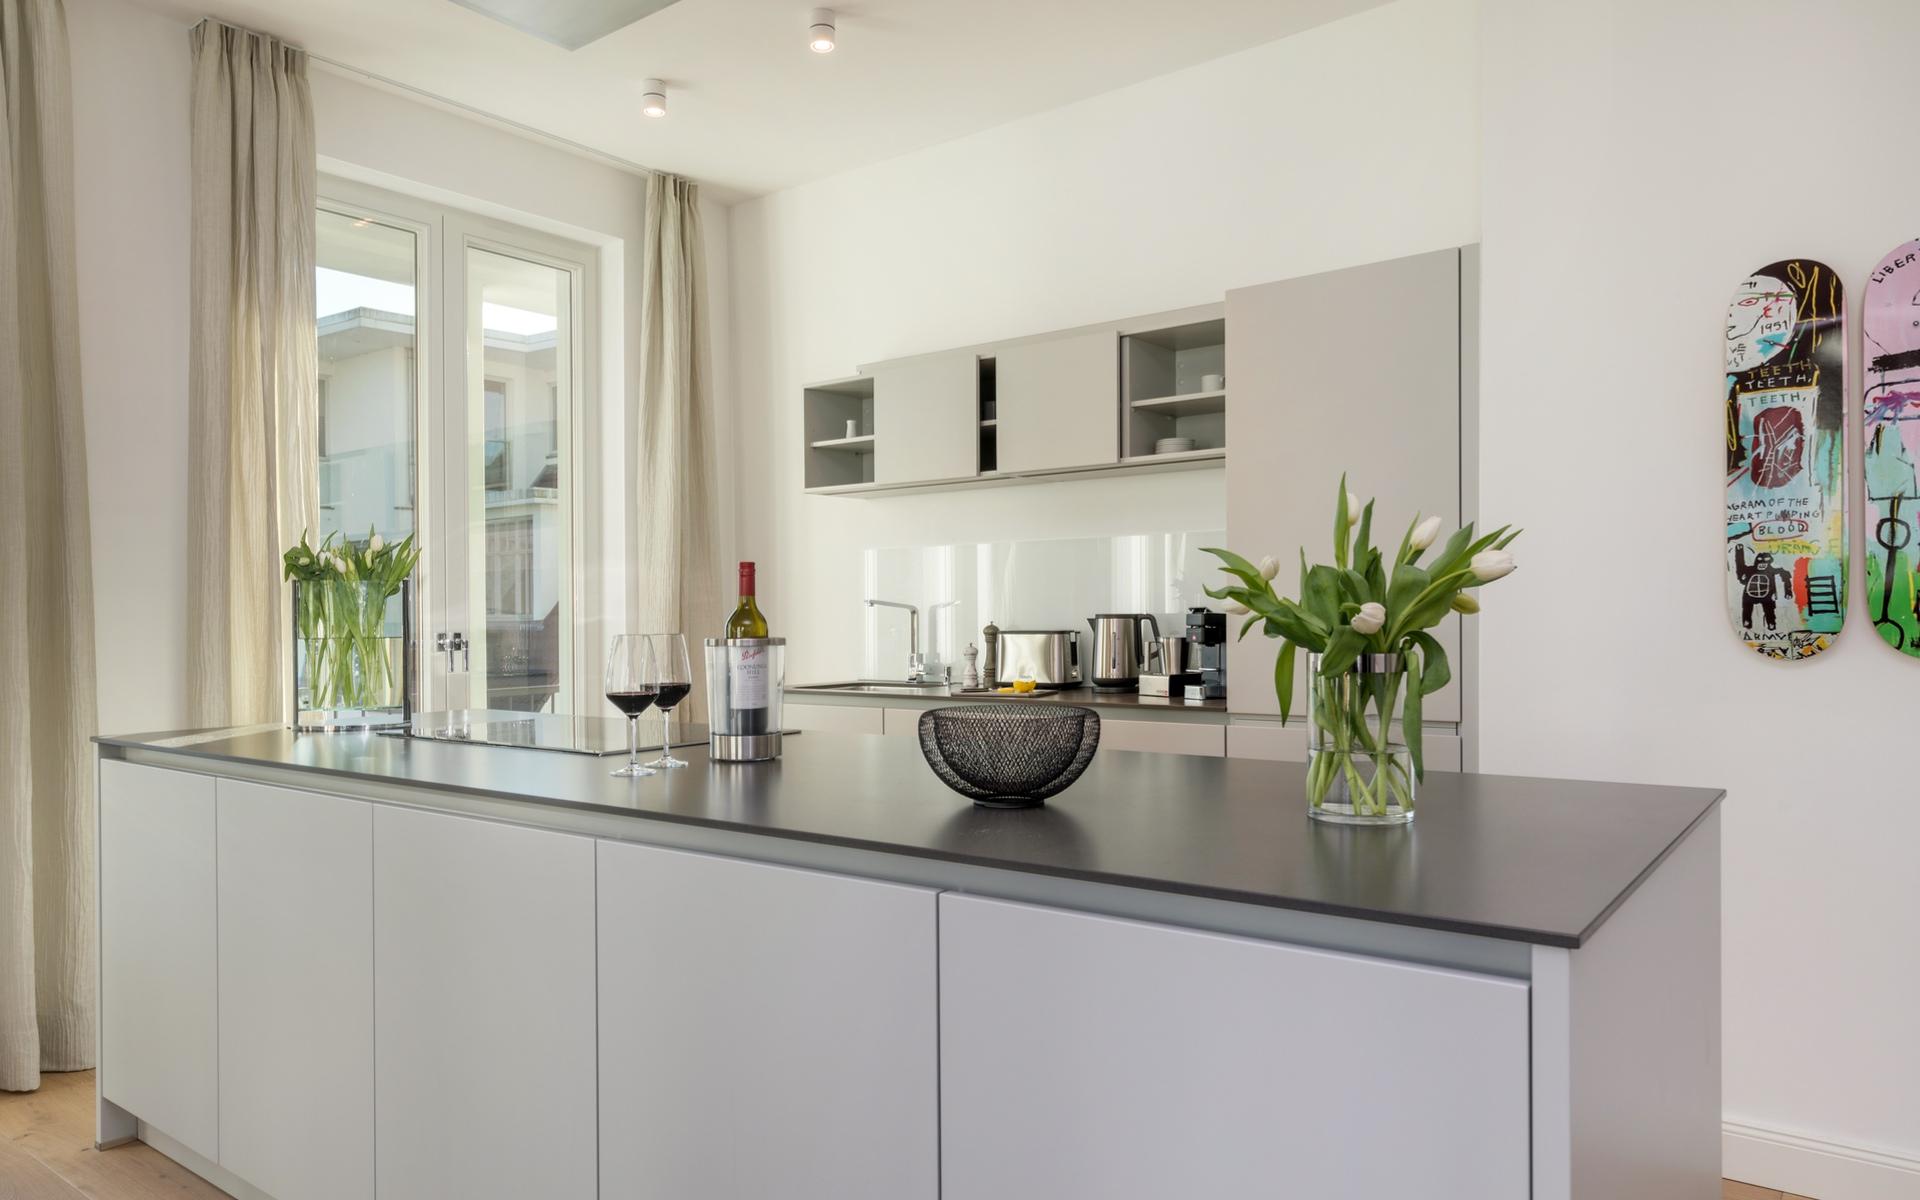 Hans G. Bock richtet auch Ferienhäuser ein: Dazu gehören moderne Küchenlösungen.